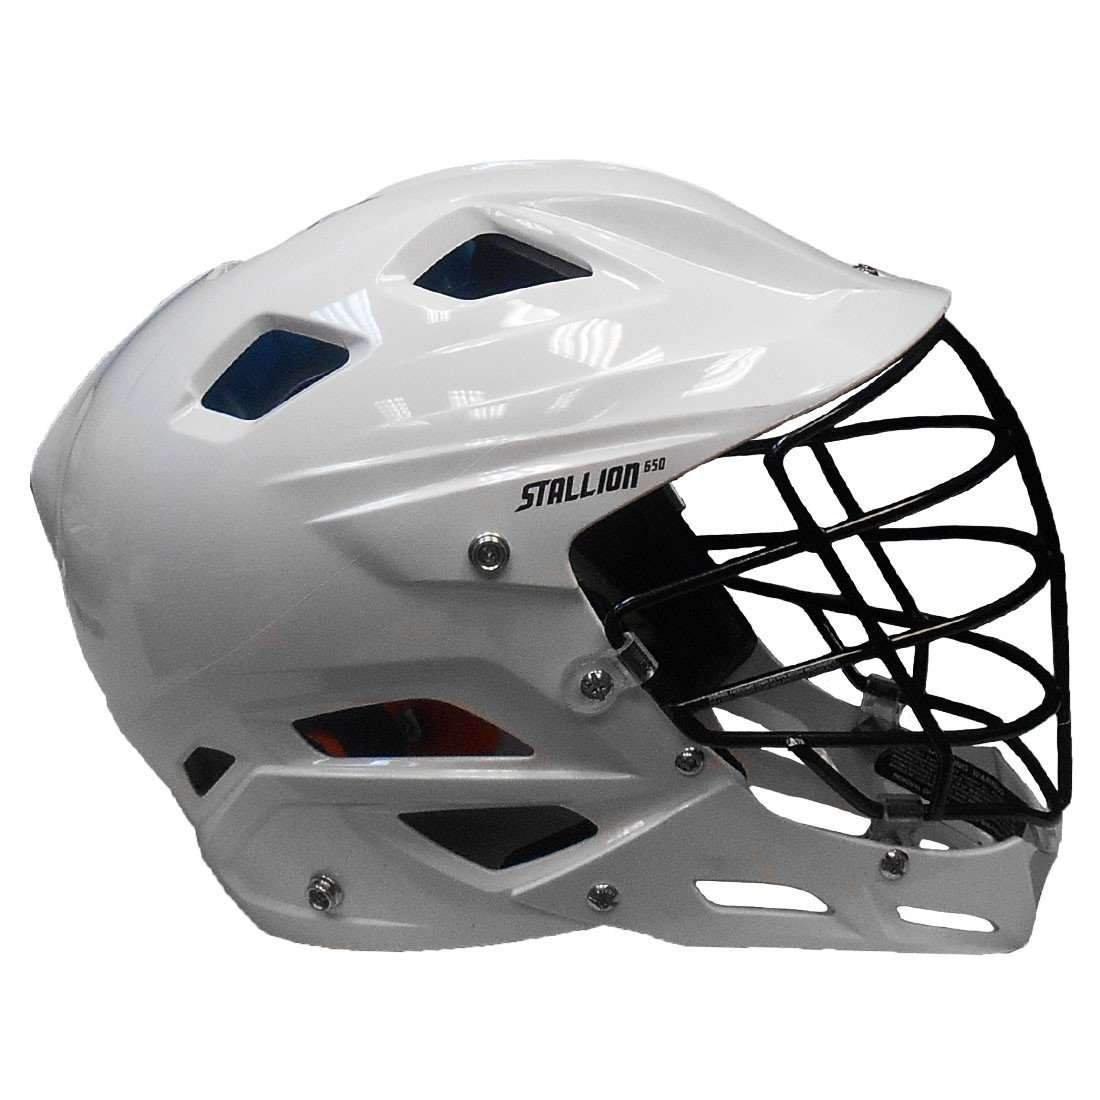 White, Large STX Stallion 650 Adult Lacrosse Helmet